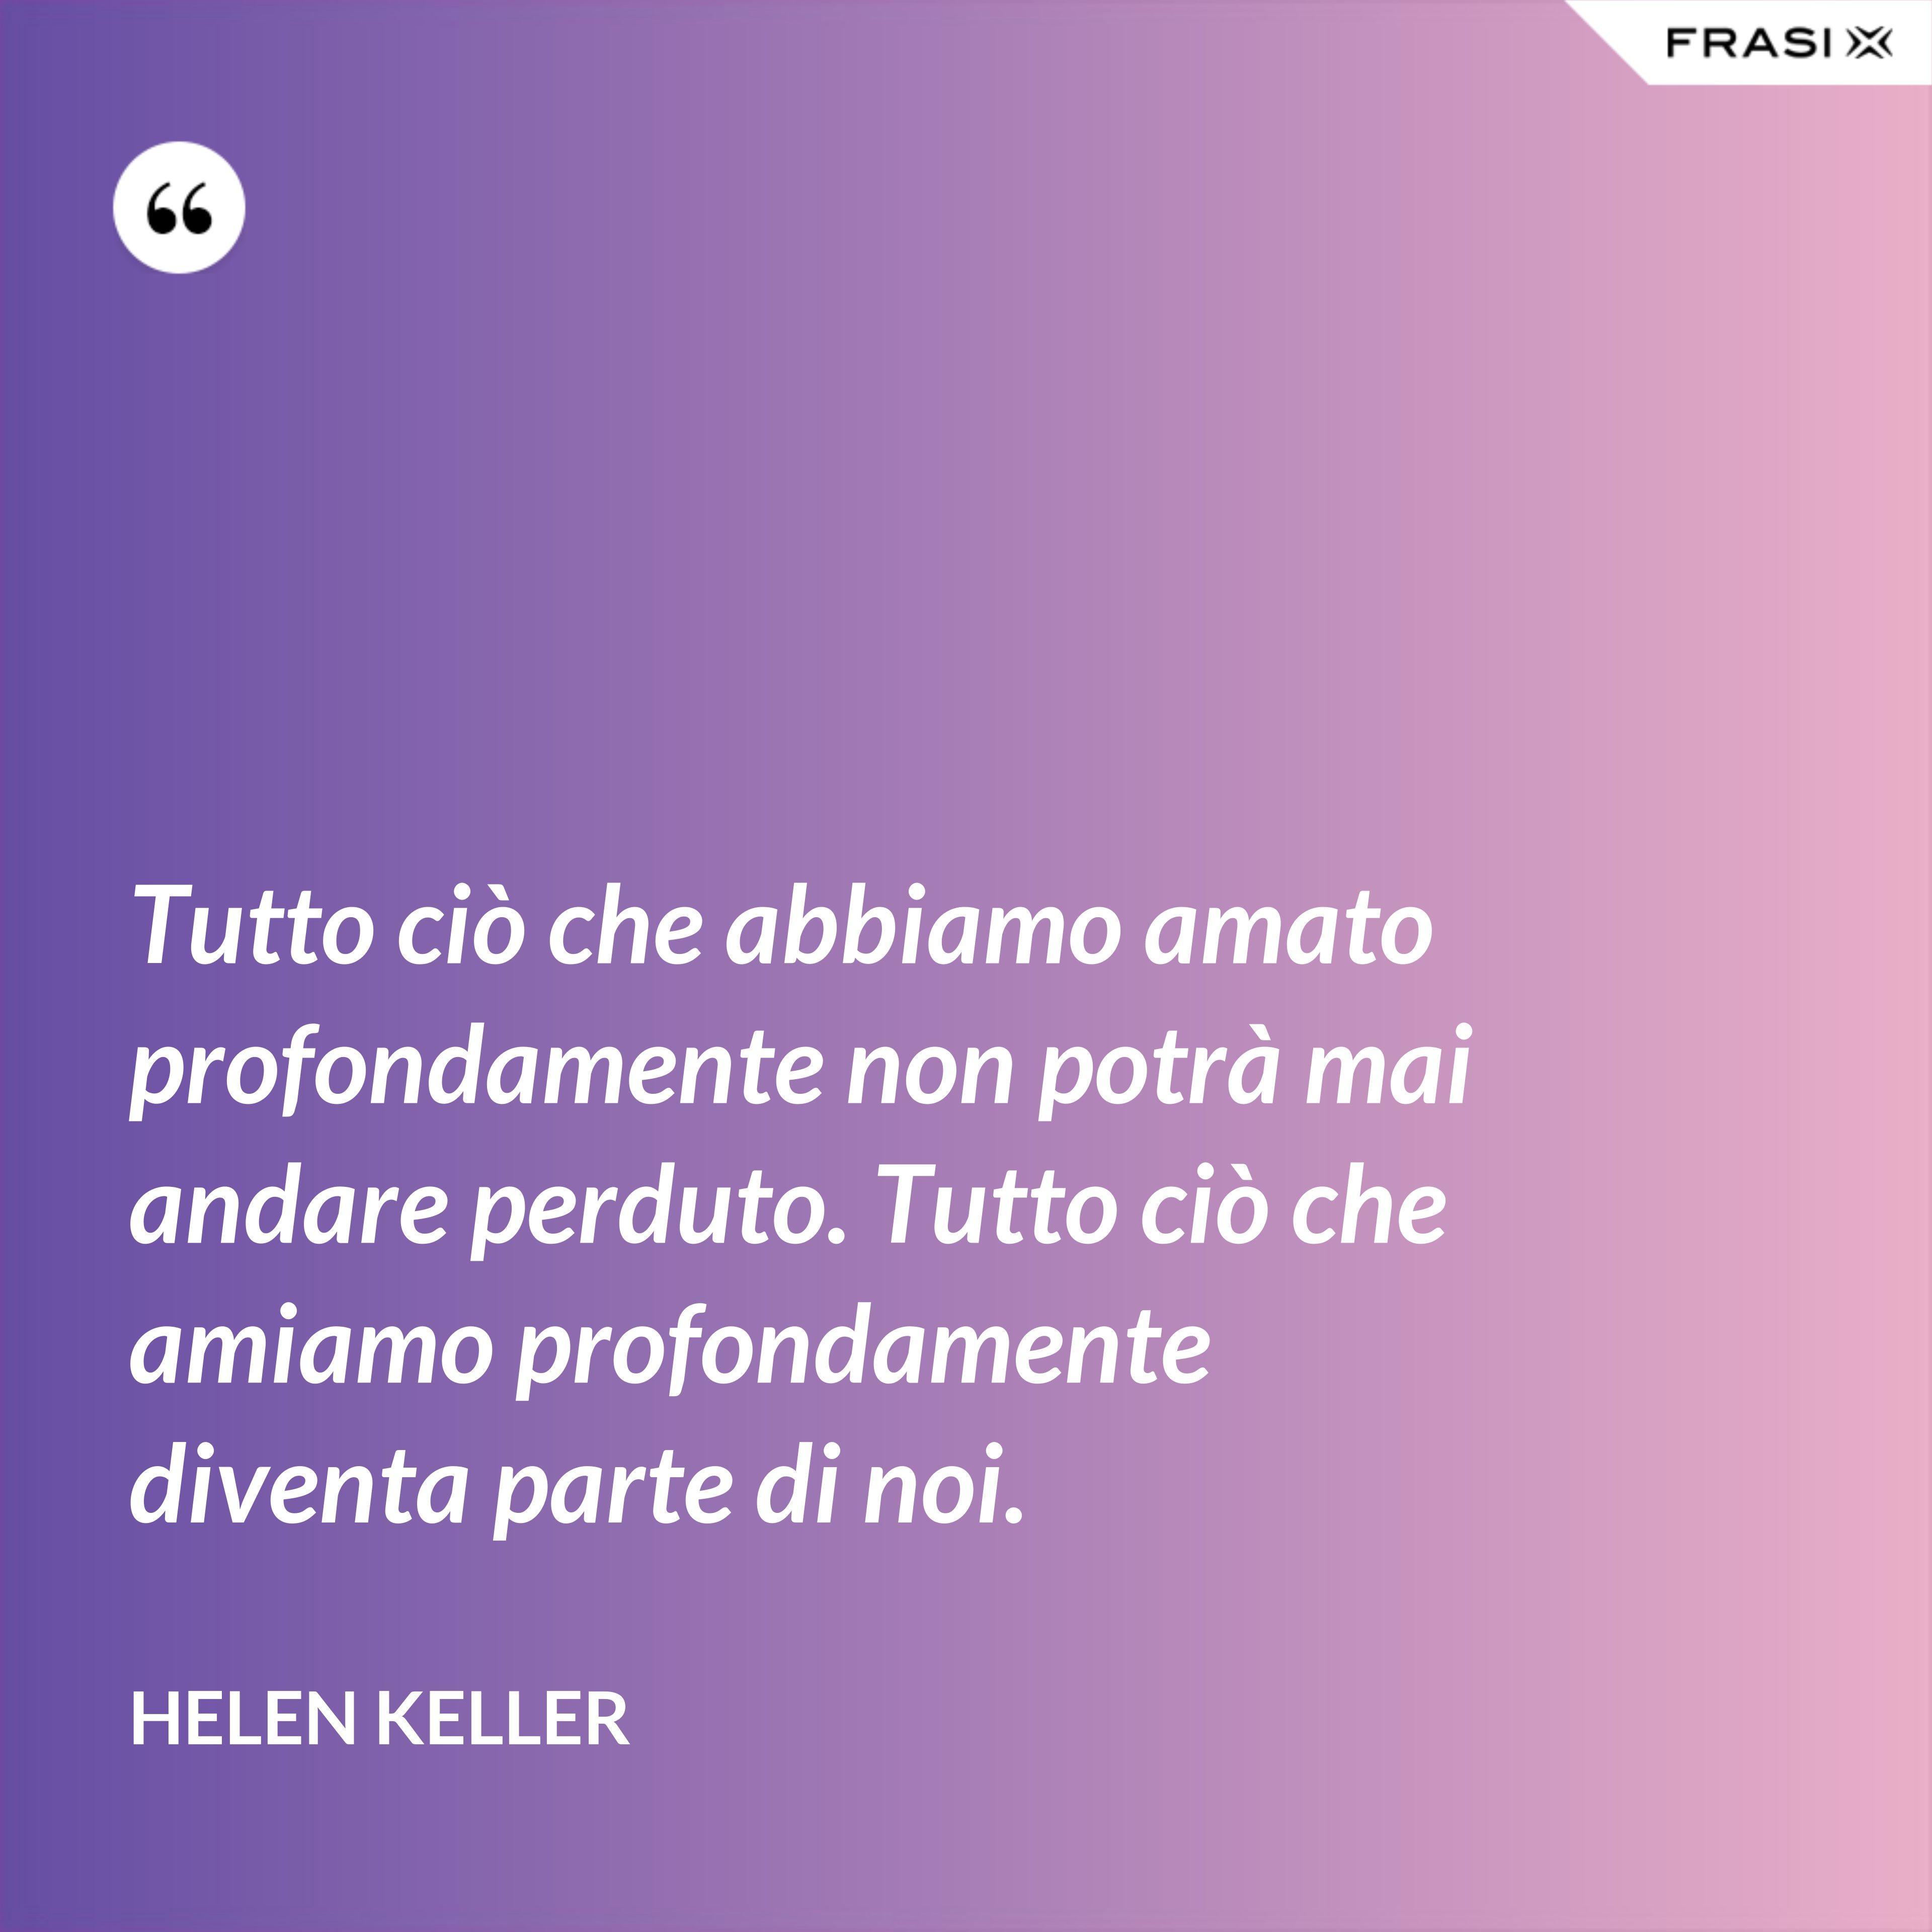 Tutto ciò che abbiamo amato profondamente non potrà mai andare perduto. Tutto ciò che amiamo profondamente diventa parte di noi. - Helen Keller